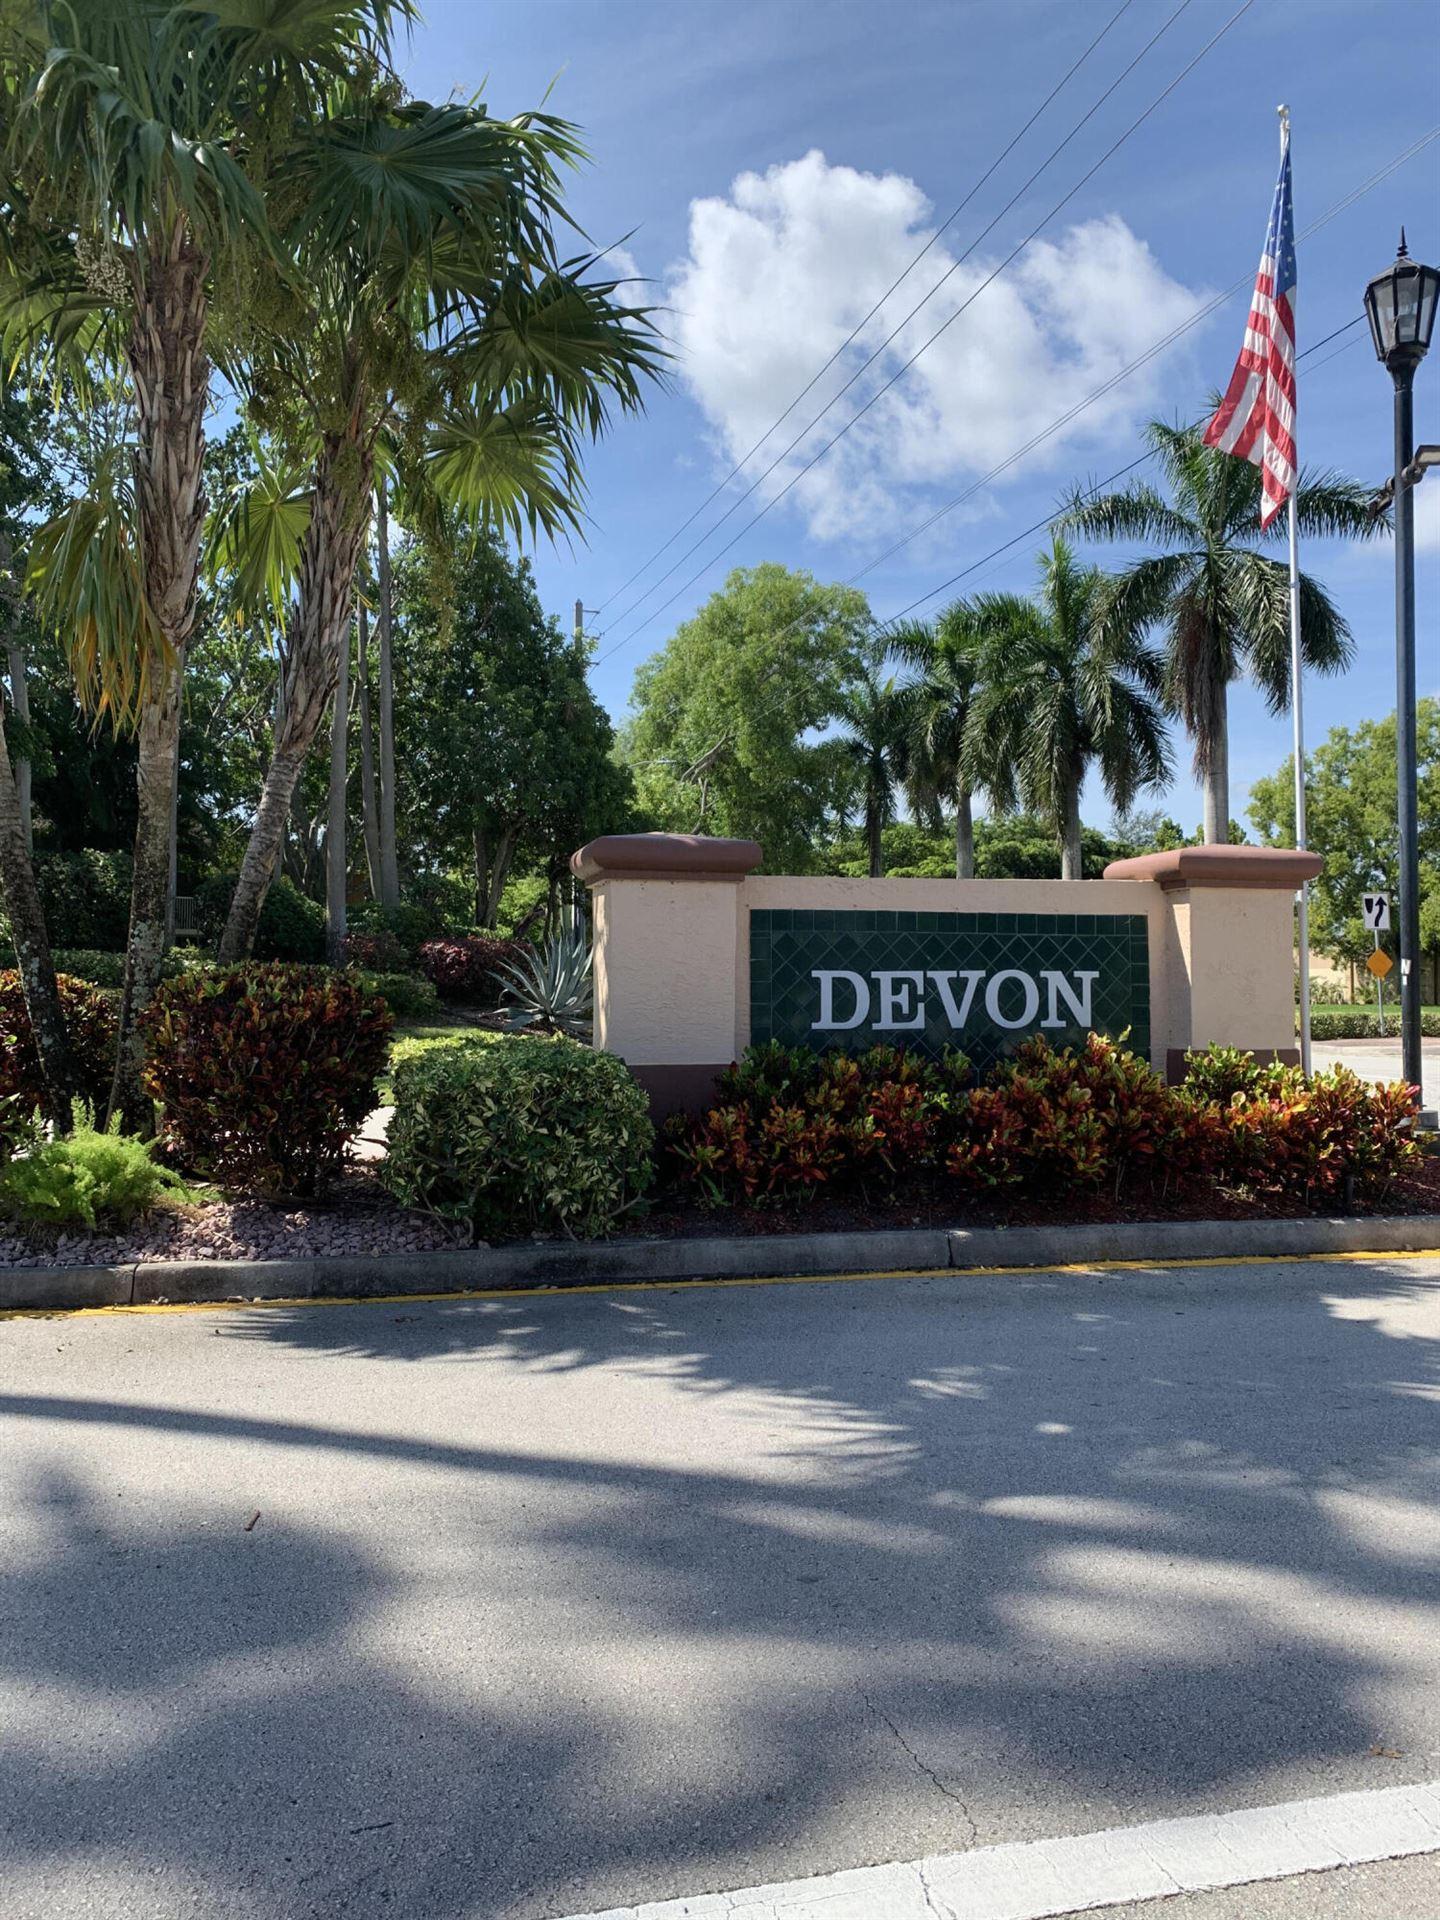 7375 N Devon Drive #108, Tamarac, FL 33321 - MLS#: RX-10746575